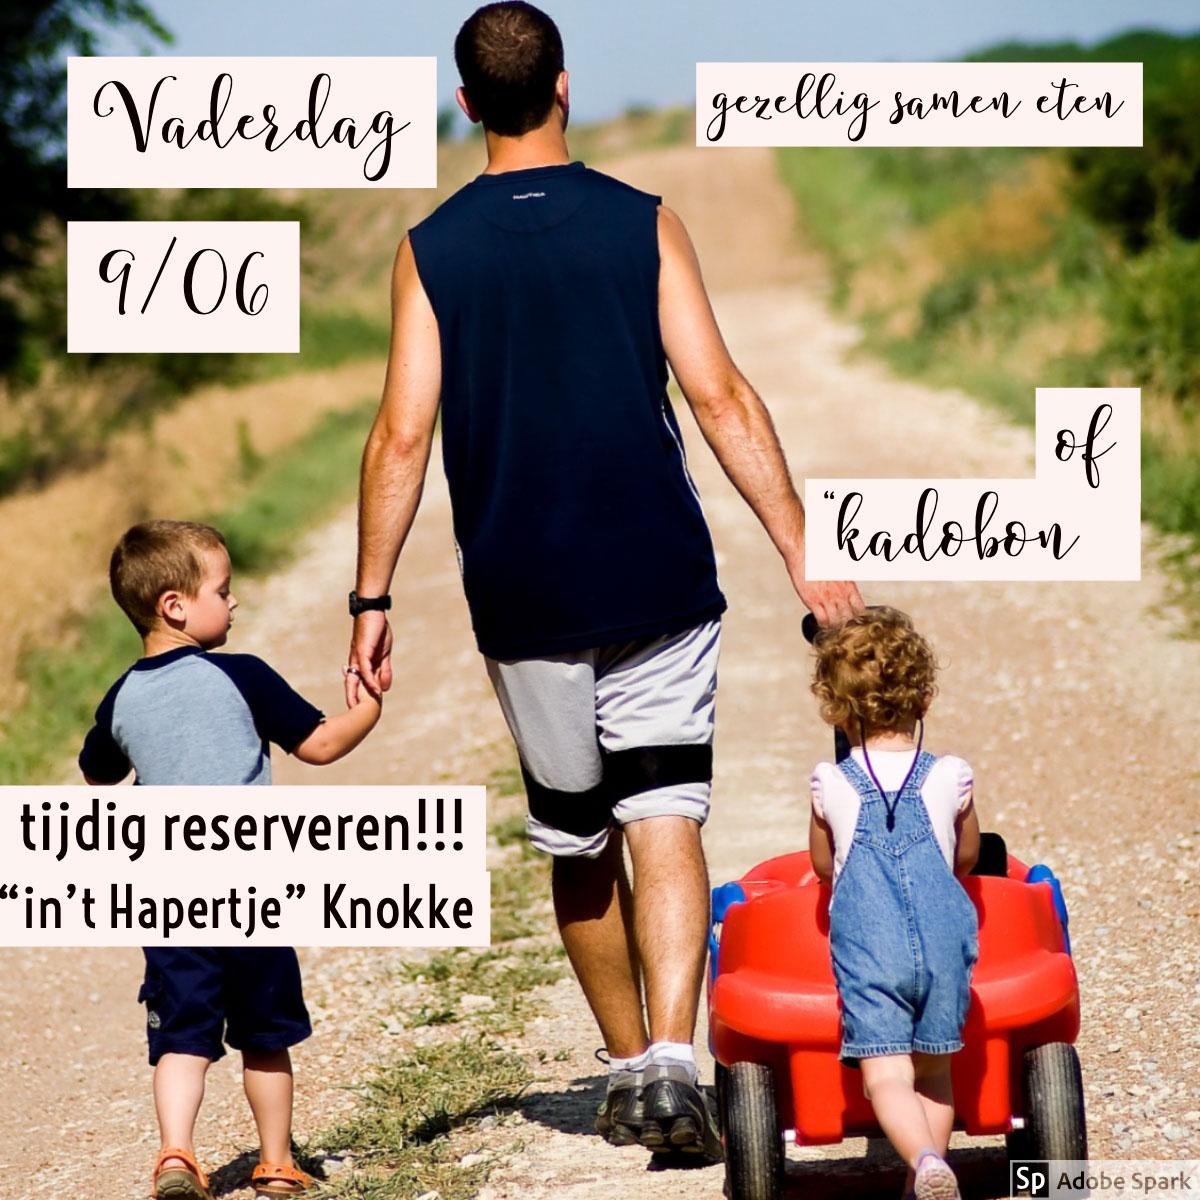 """Vaderdag 9/06 Vaderdag 9/06<P> """"kadobon""""<P>of<P>tijdig reserveren!!!<P>gezellig samen eten<P>""""in't Hapertje"""" Knokke"""